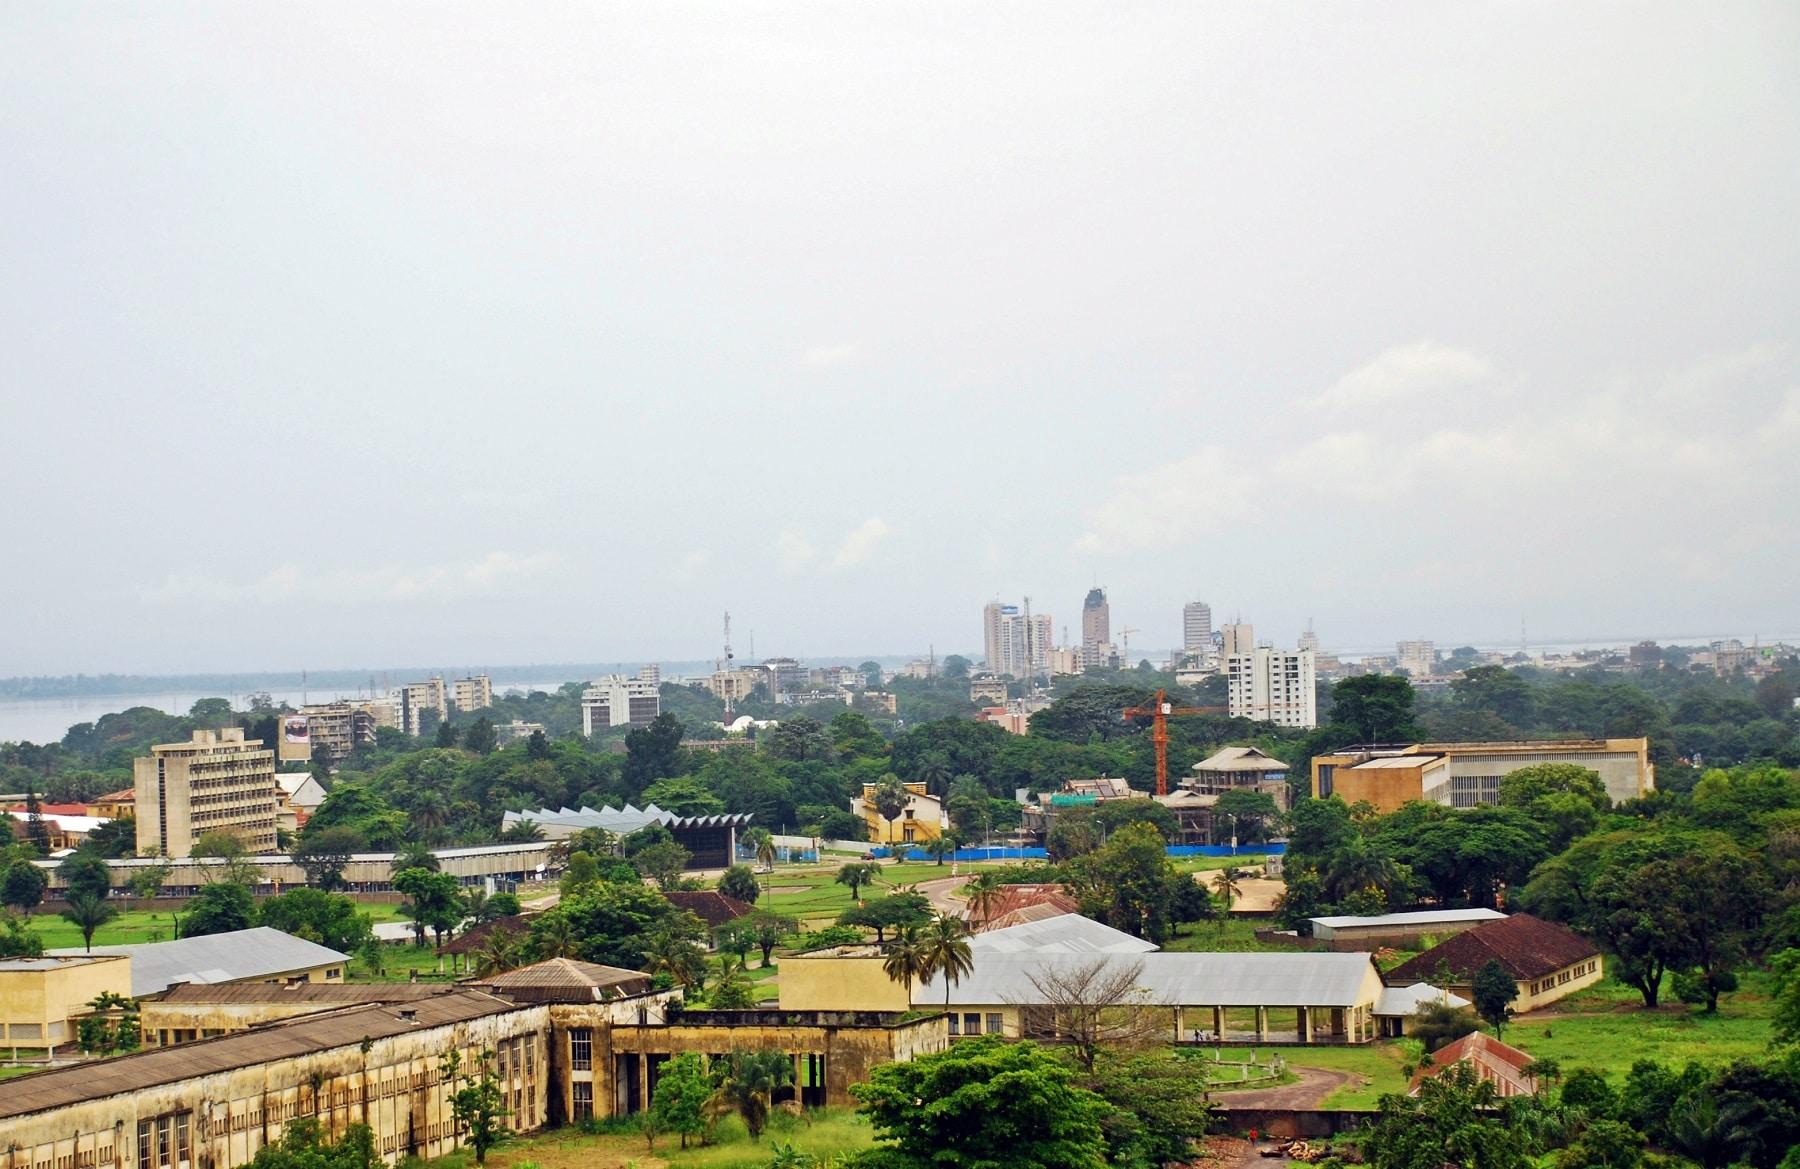 Kinshasa - cel mai mare centru urban din Africa Centrală